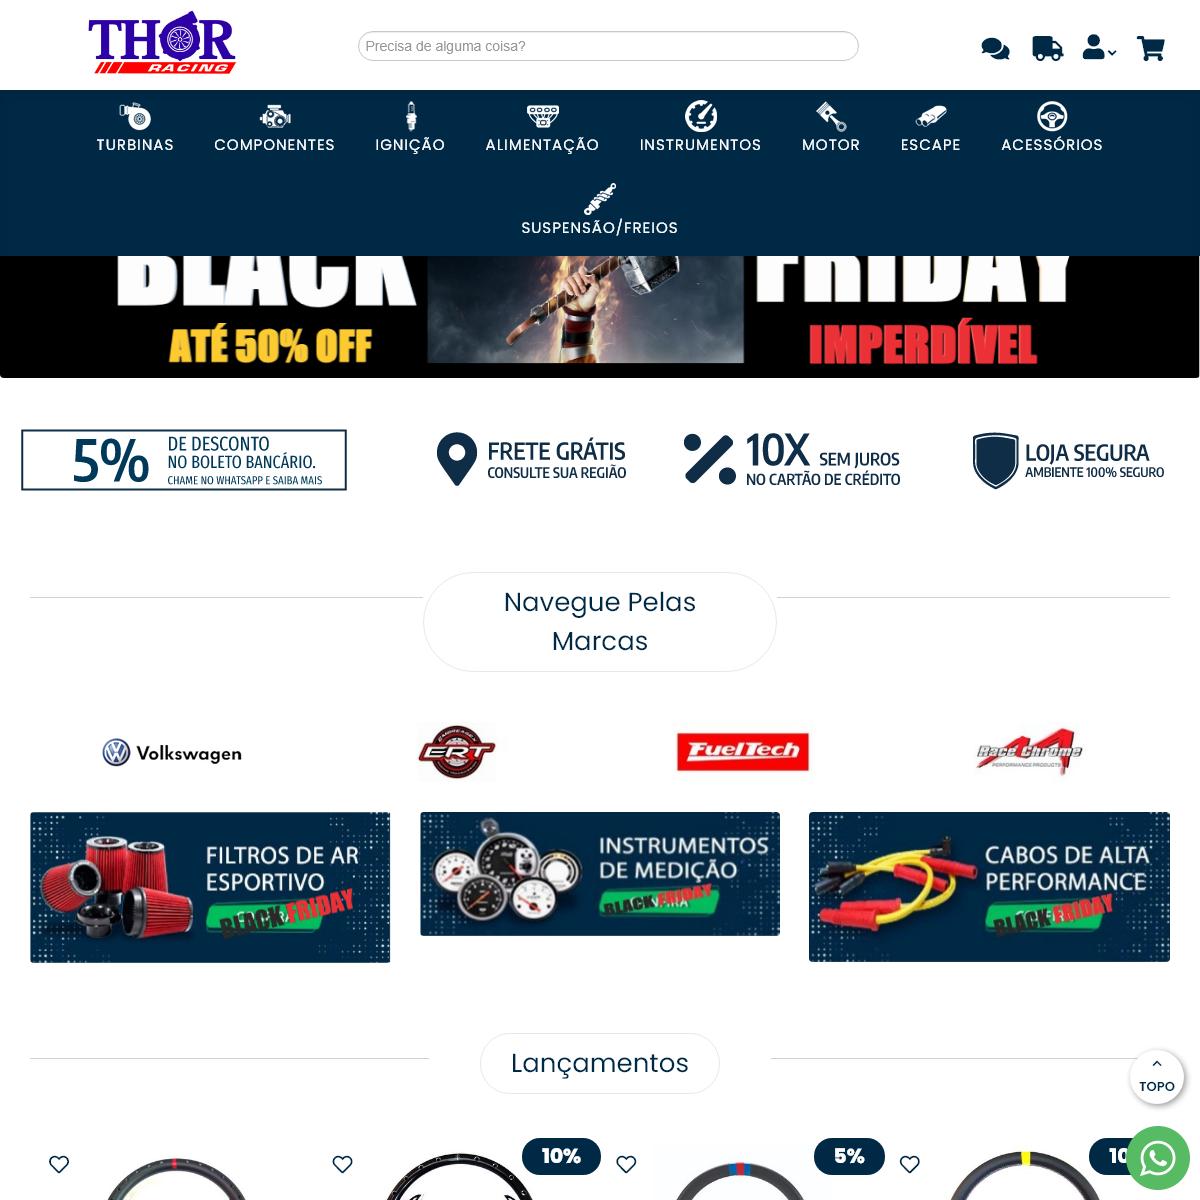 Thor Racing - Peças de Alta Performance